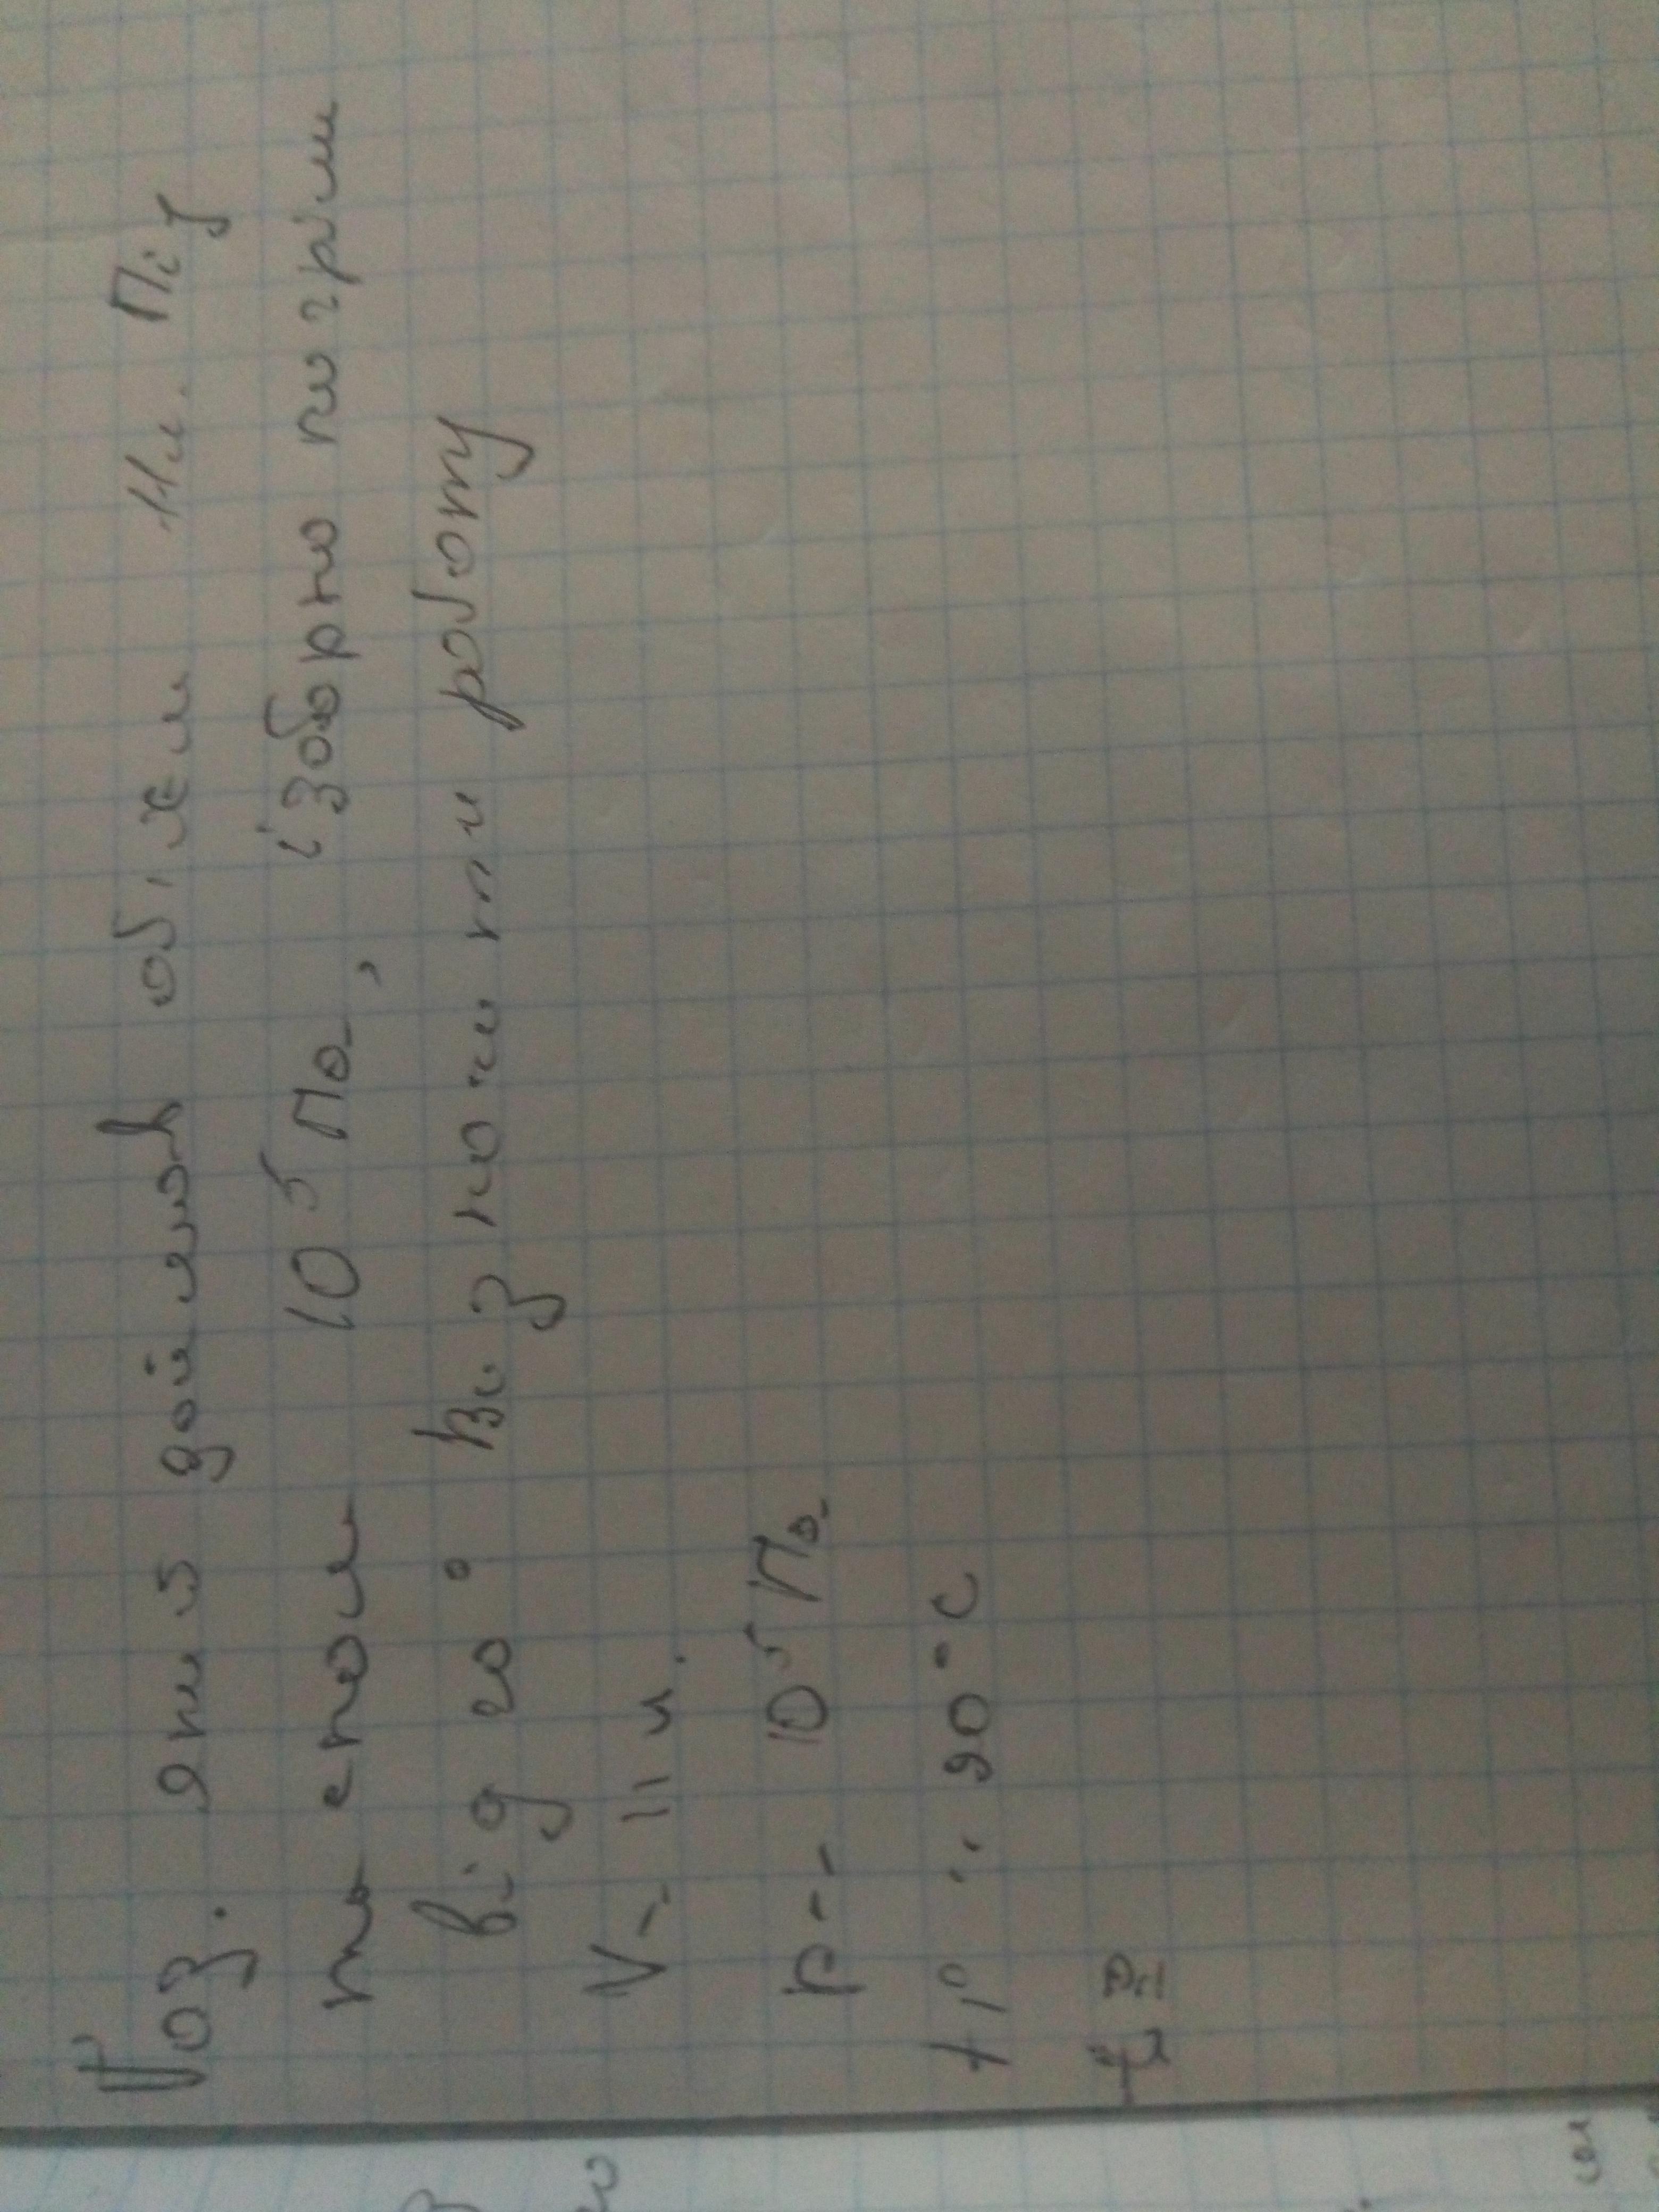 Задача по физике нужно срочно решить